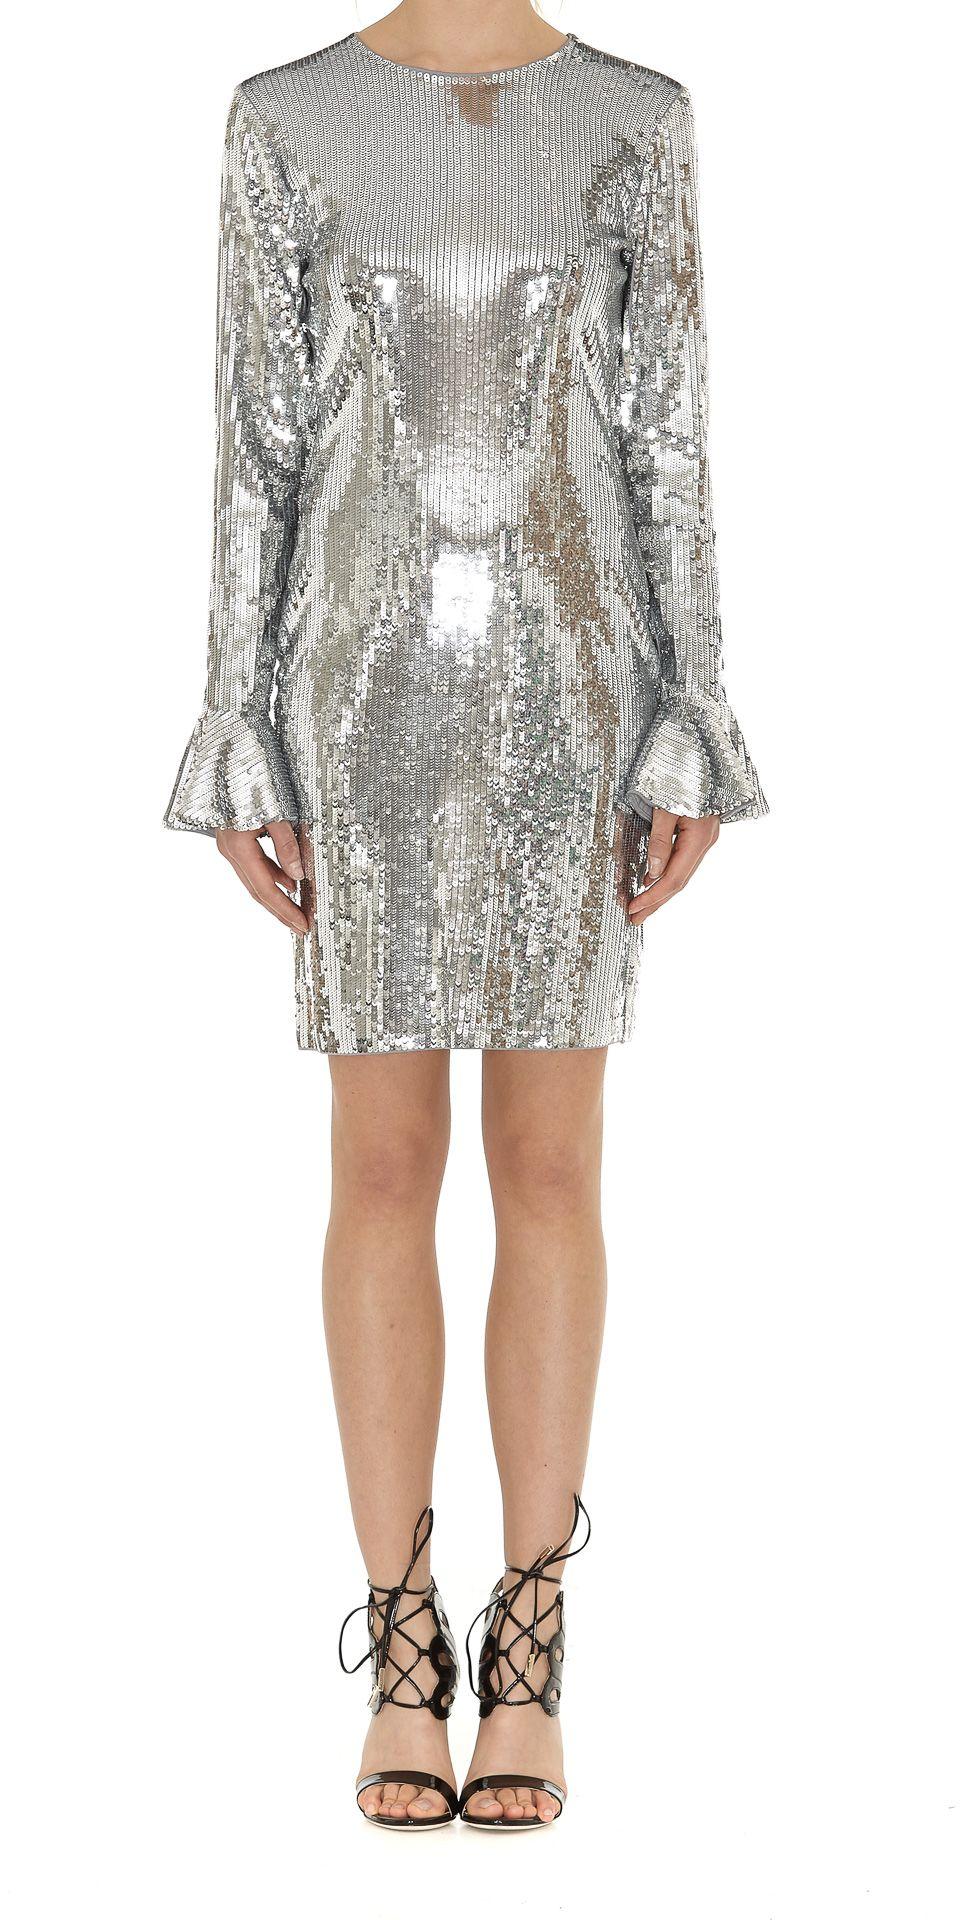 Michael Kors Paillettes Dress